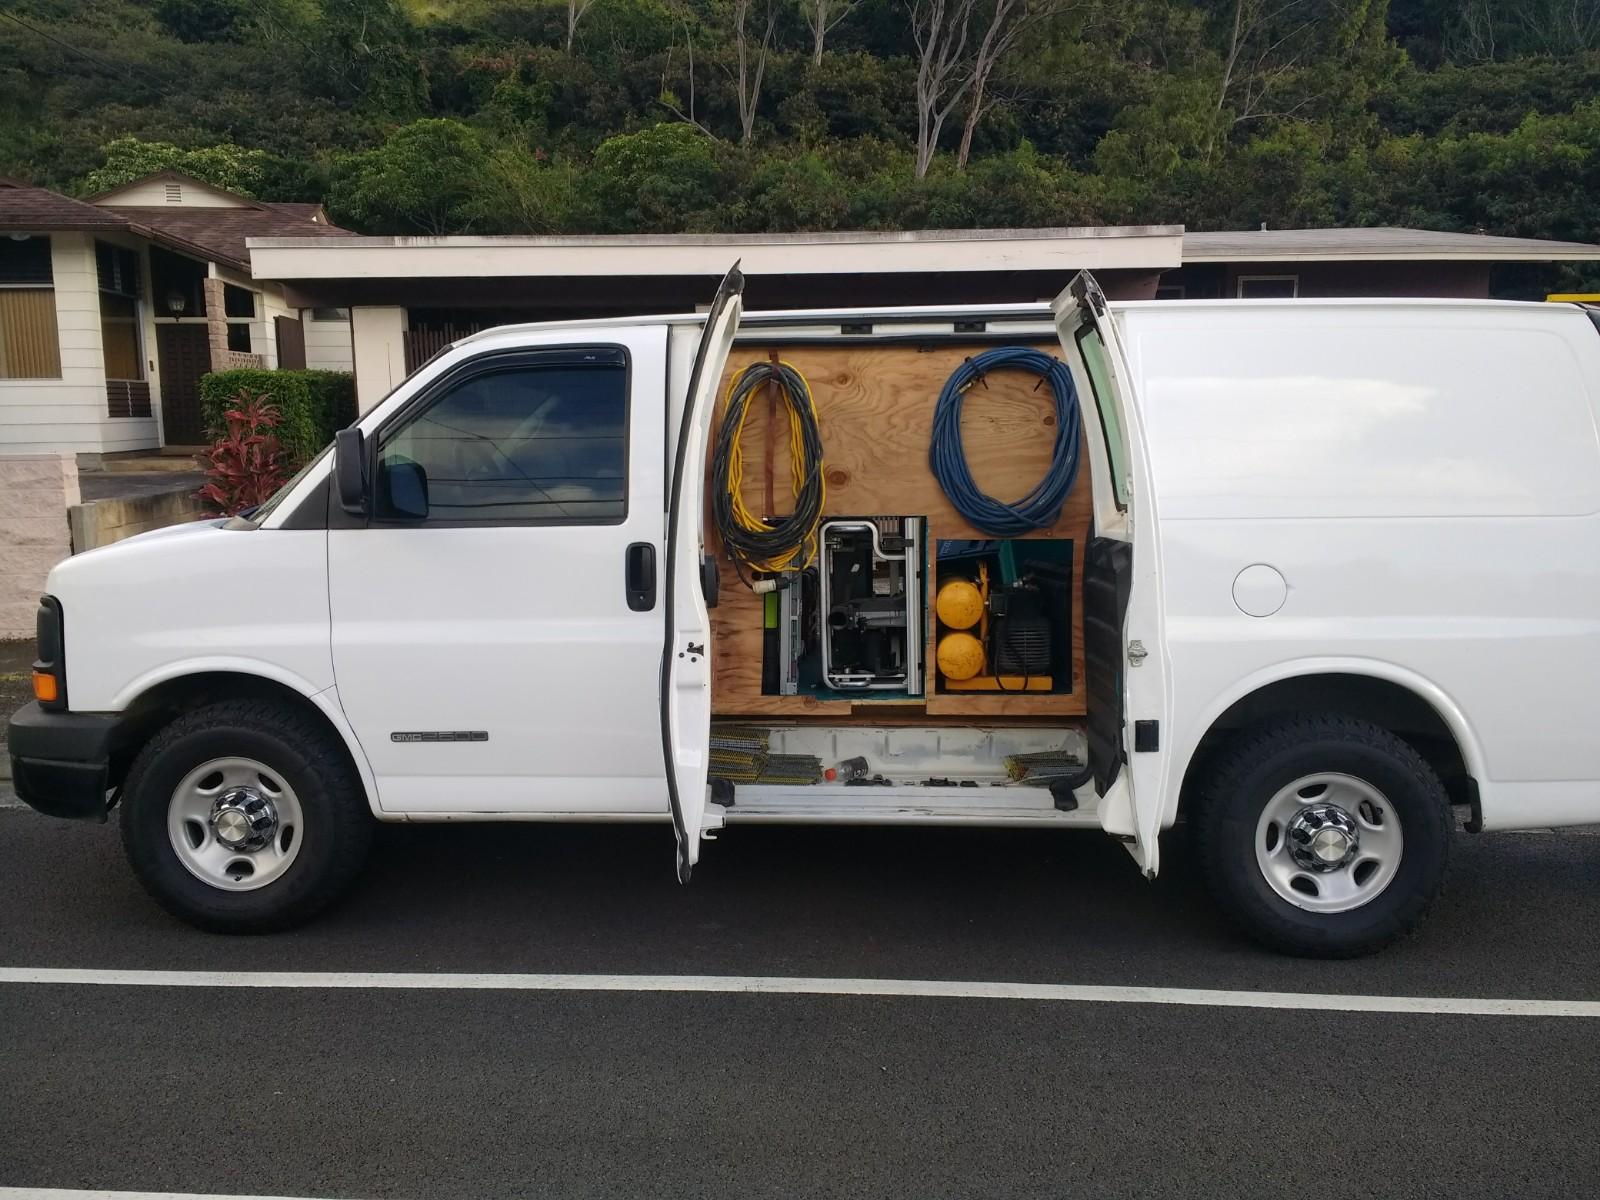 Post your work truck/van thread-img_20181221_155606823.jpg